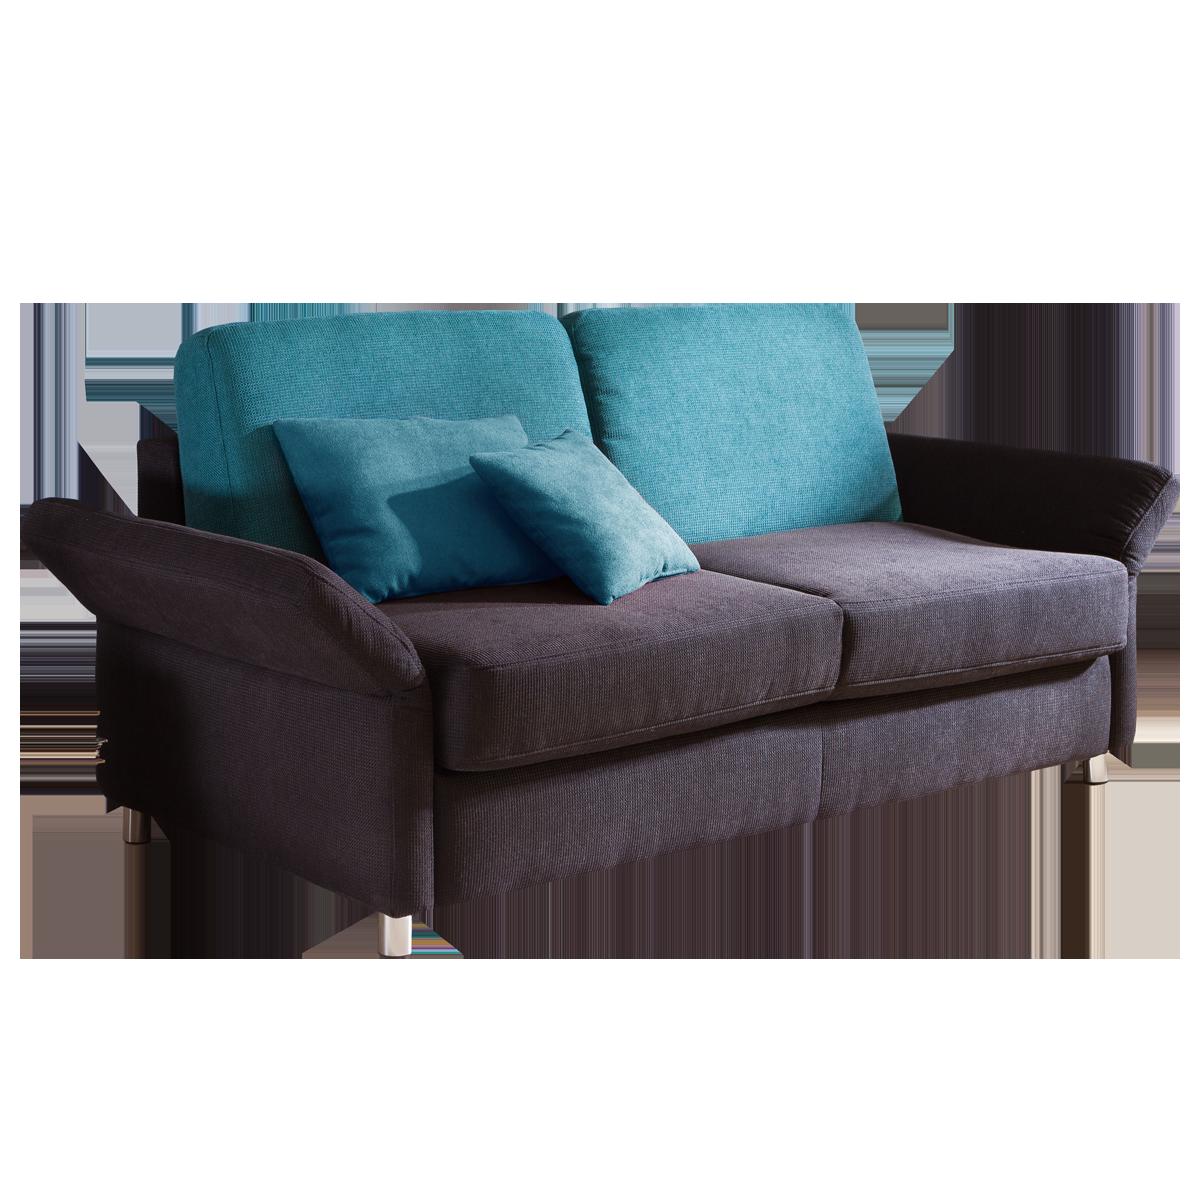 Möbel Online Shop, Einrichtung und Möbel von Megando.de